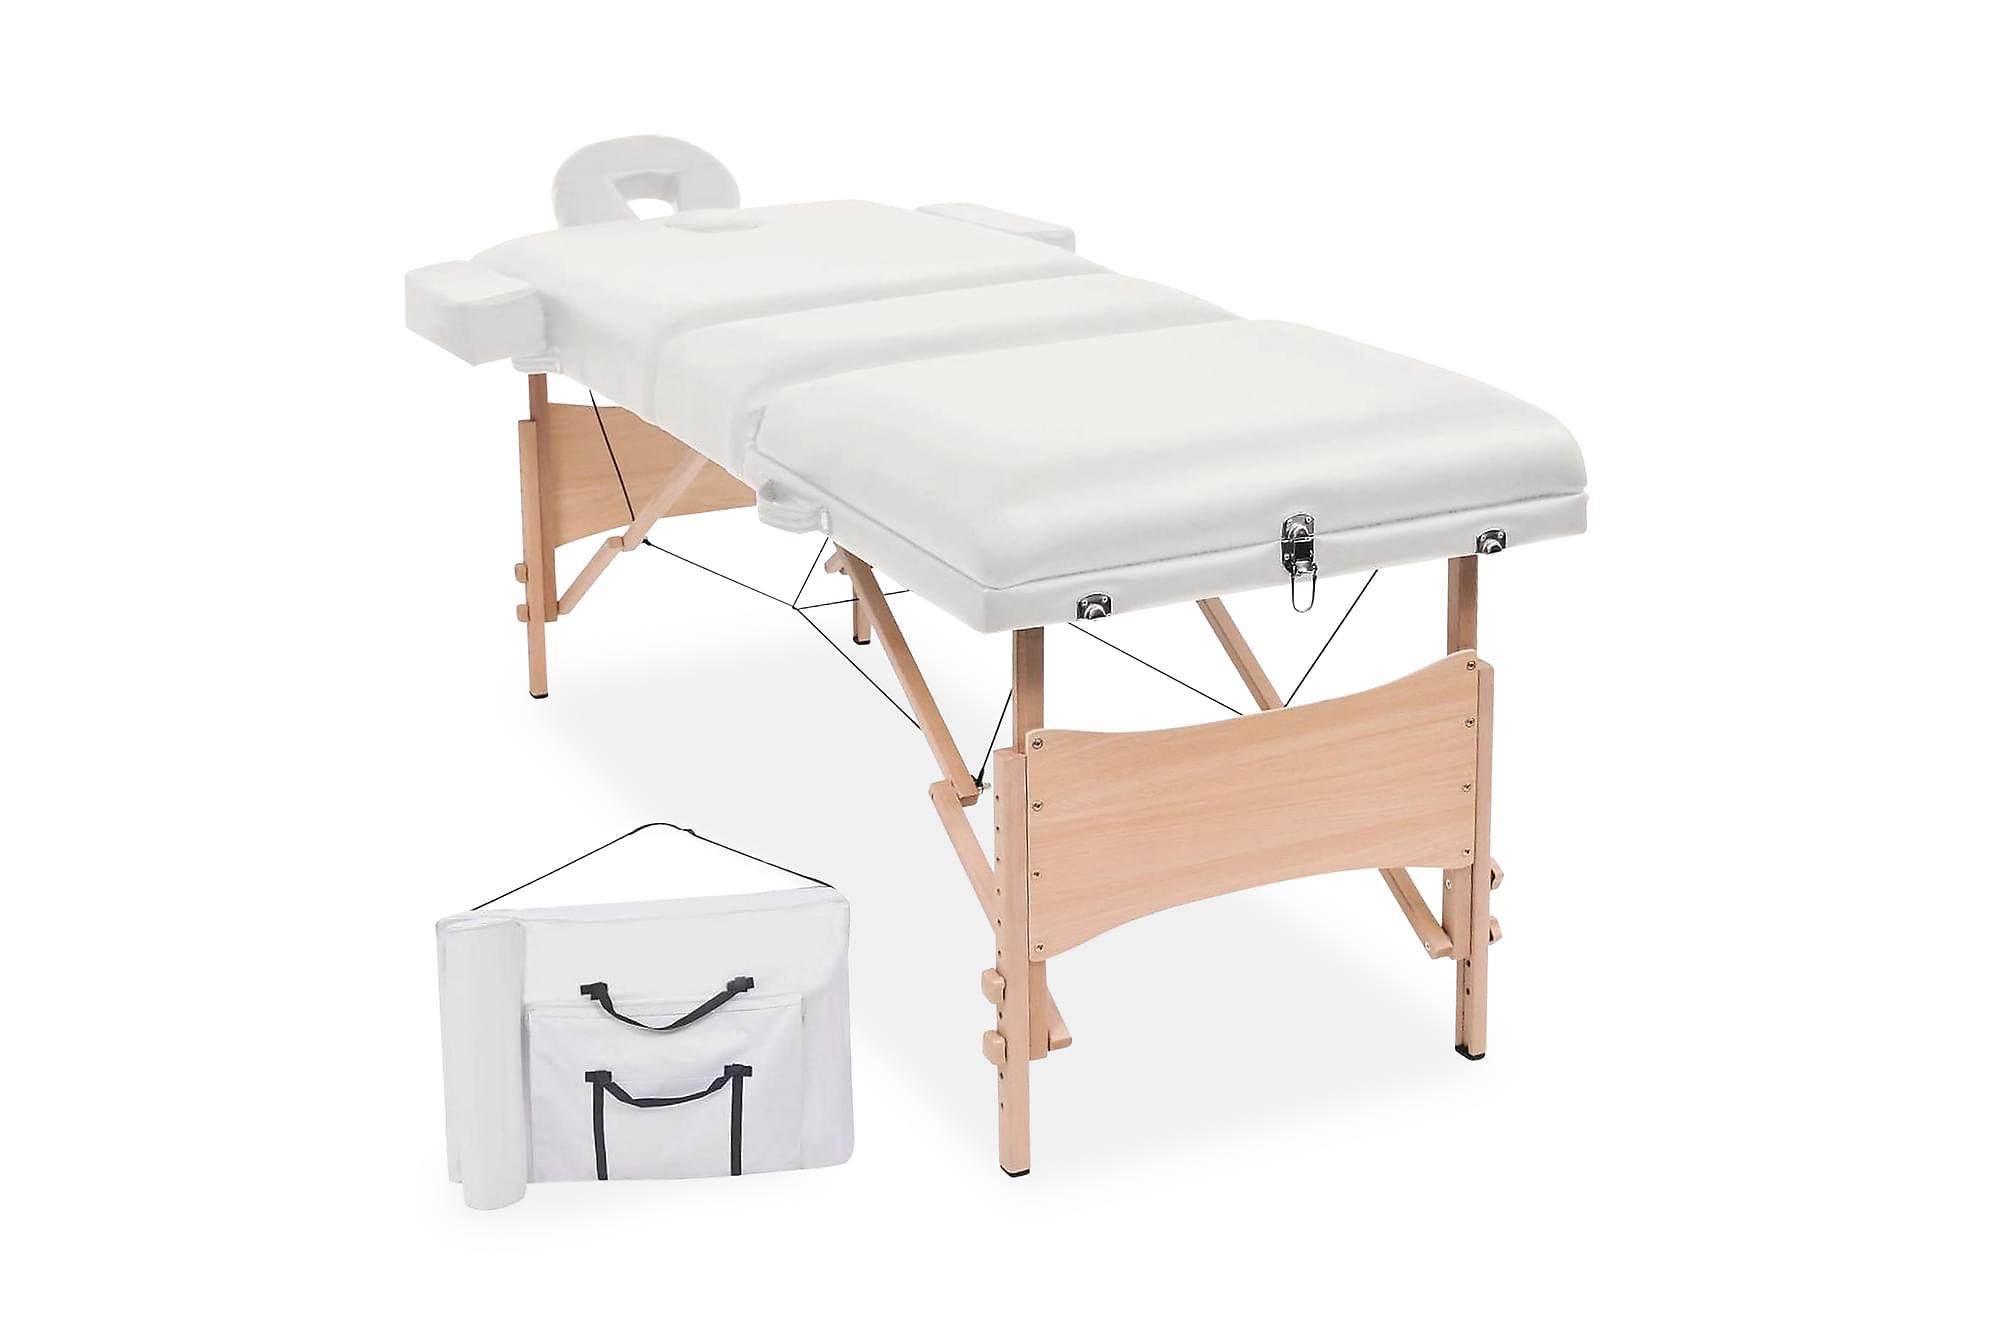 Hopfällbar massagebänk 3 sektioner 10 cm tjock vit